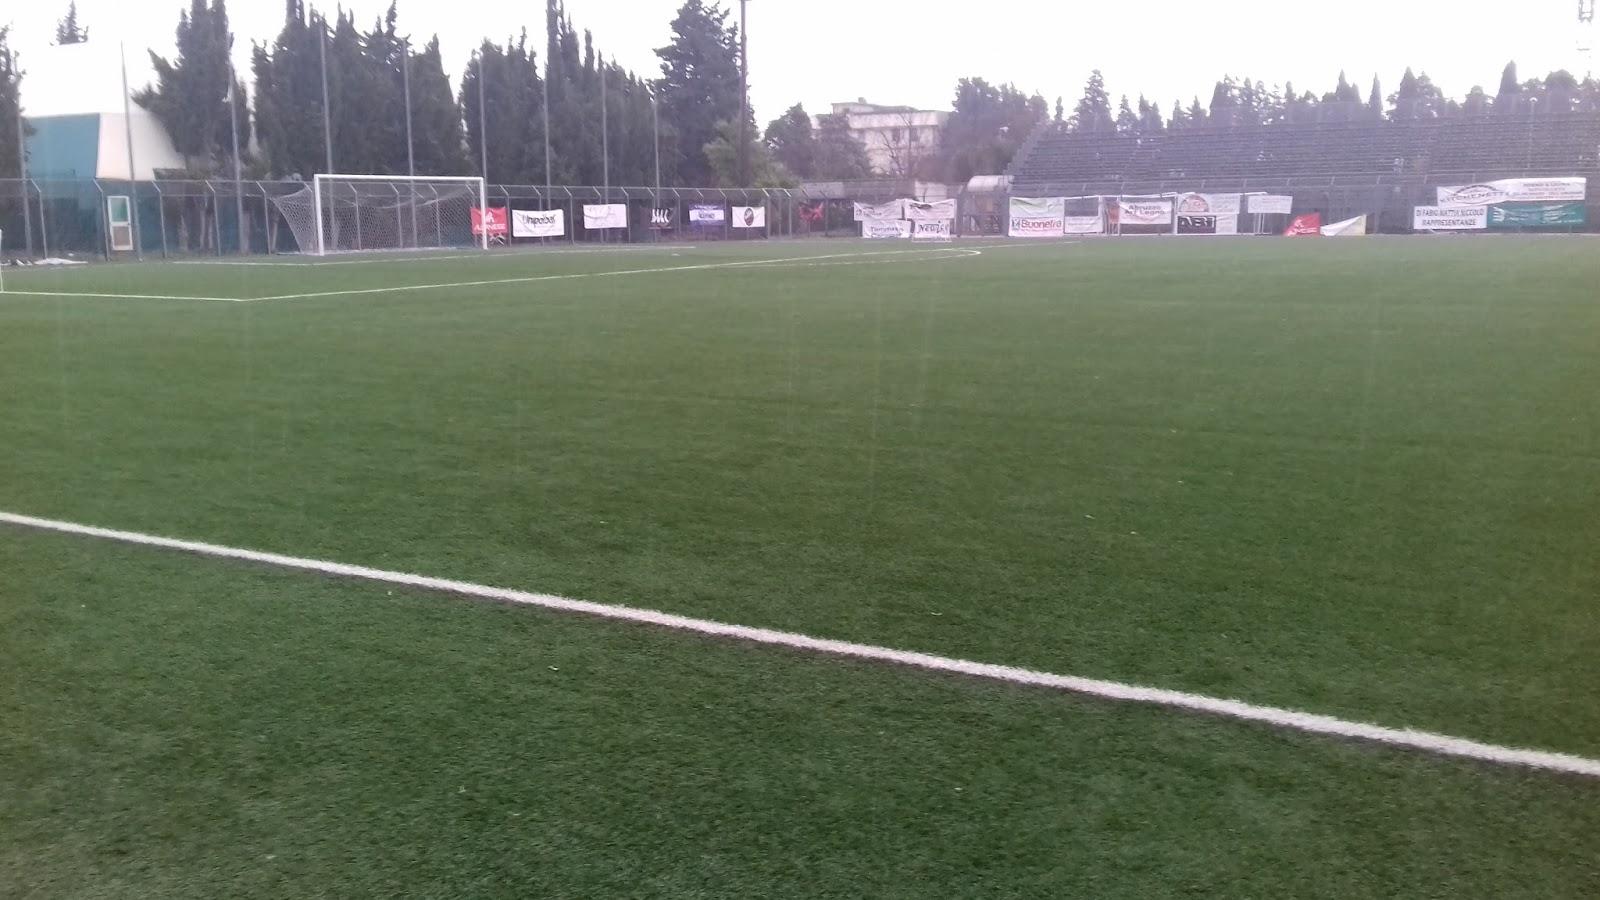 La Regione Abruzzo ospita il Torneo delle Regioni, Ortona esclusa?